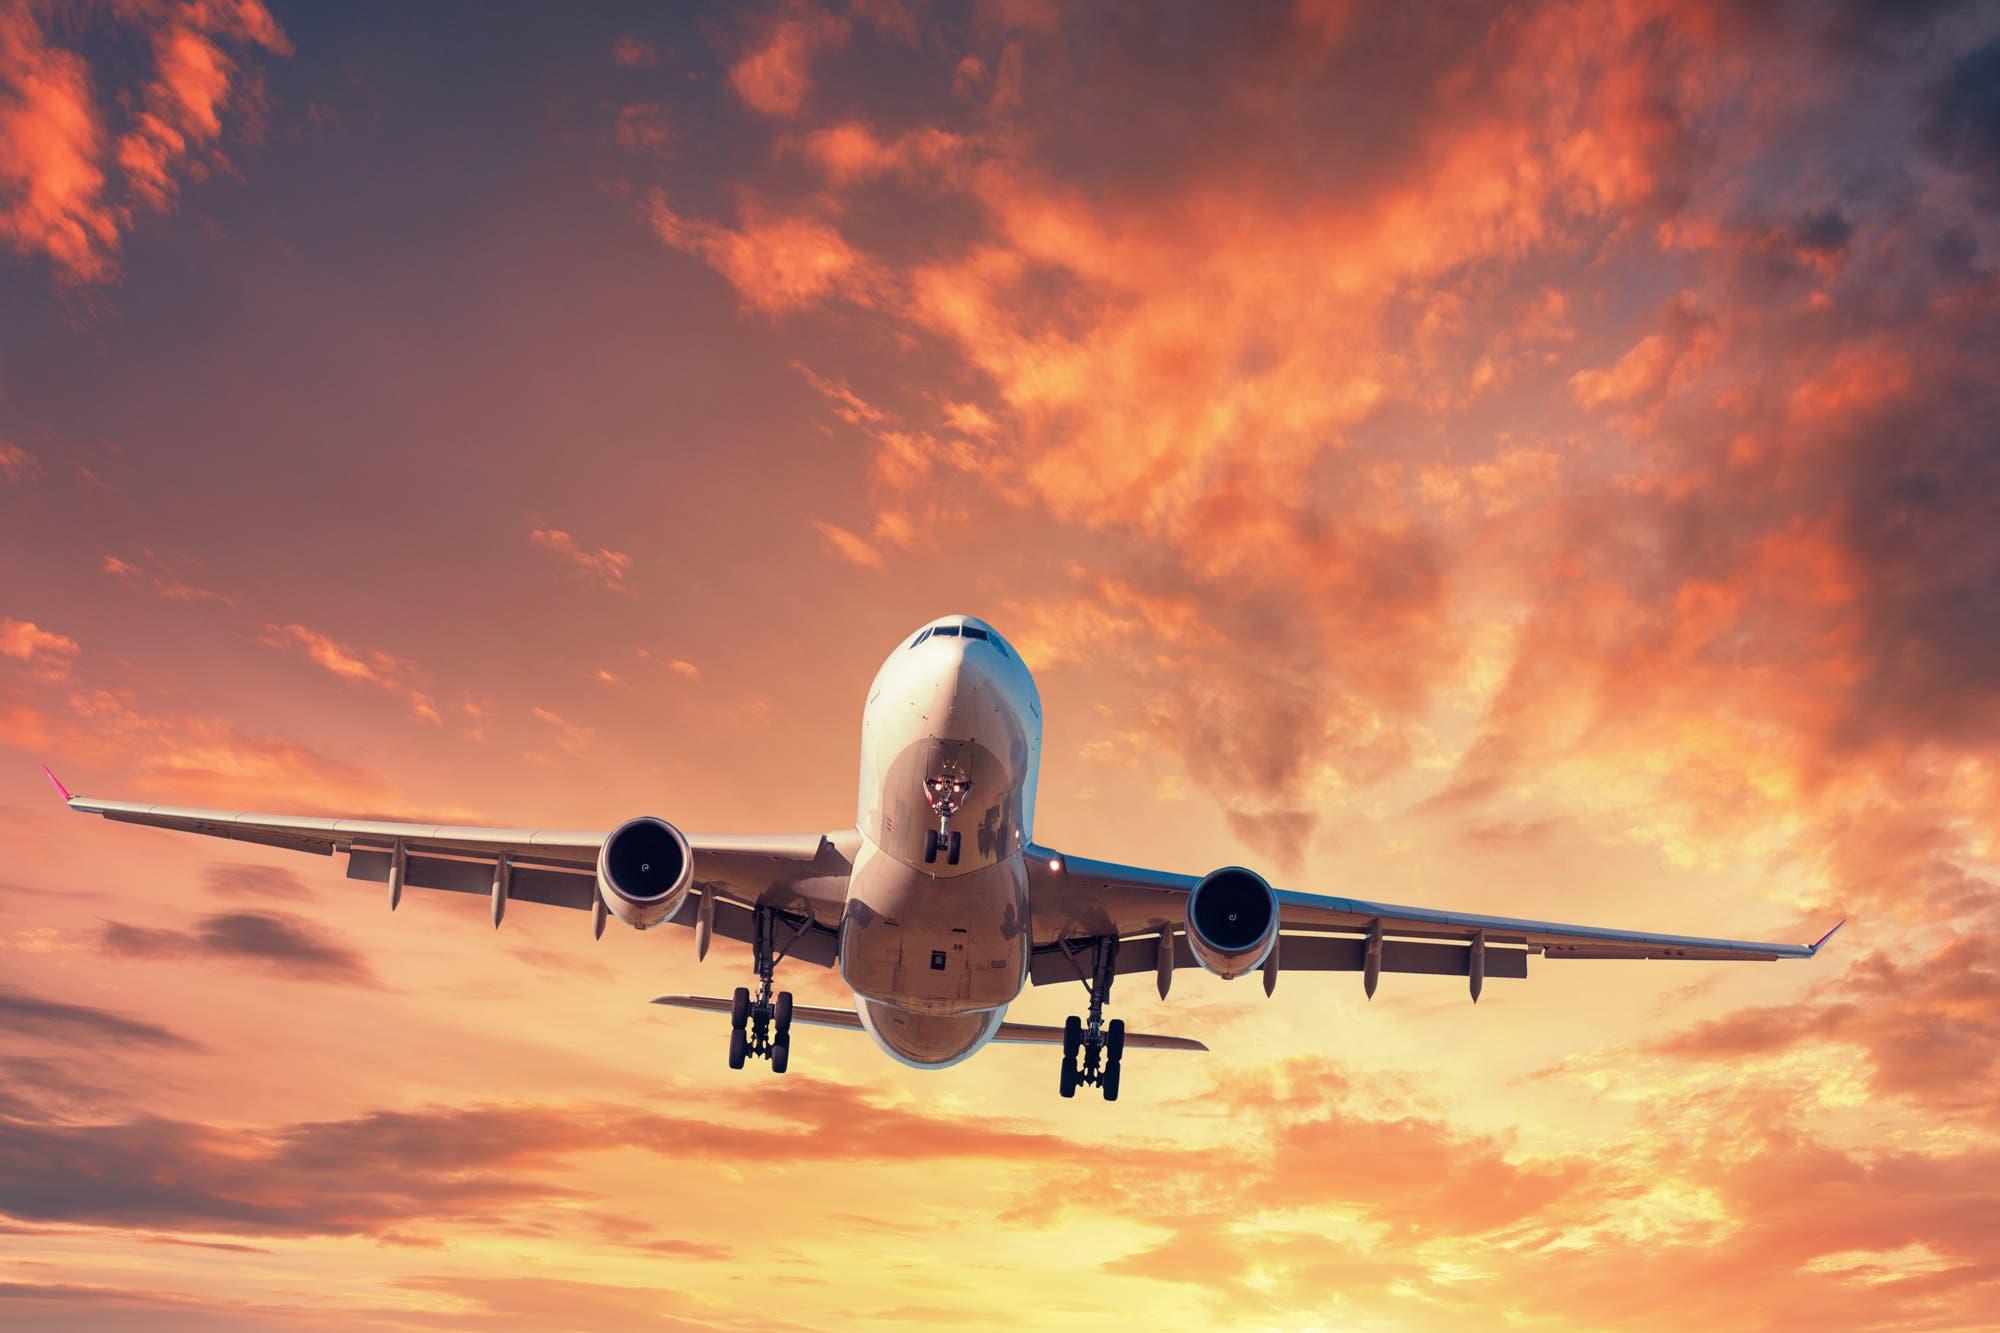 A partir de mañana se podrán comprar pasajes de avión sin límite tarifario